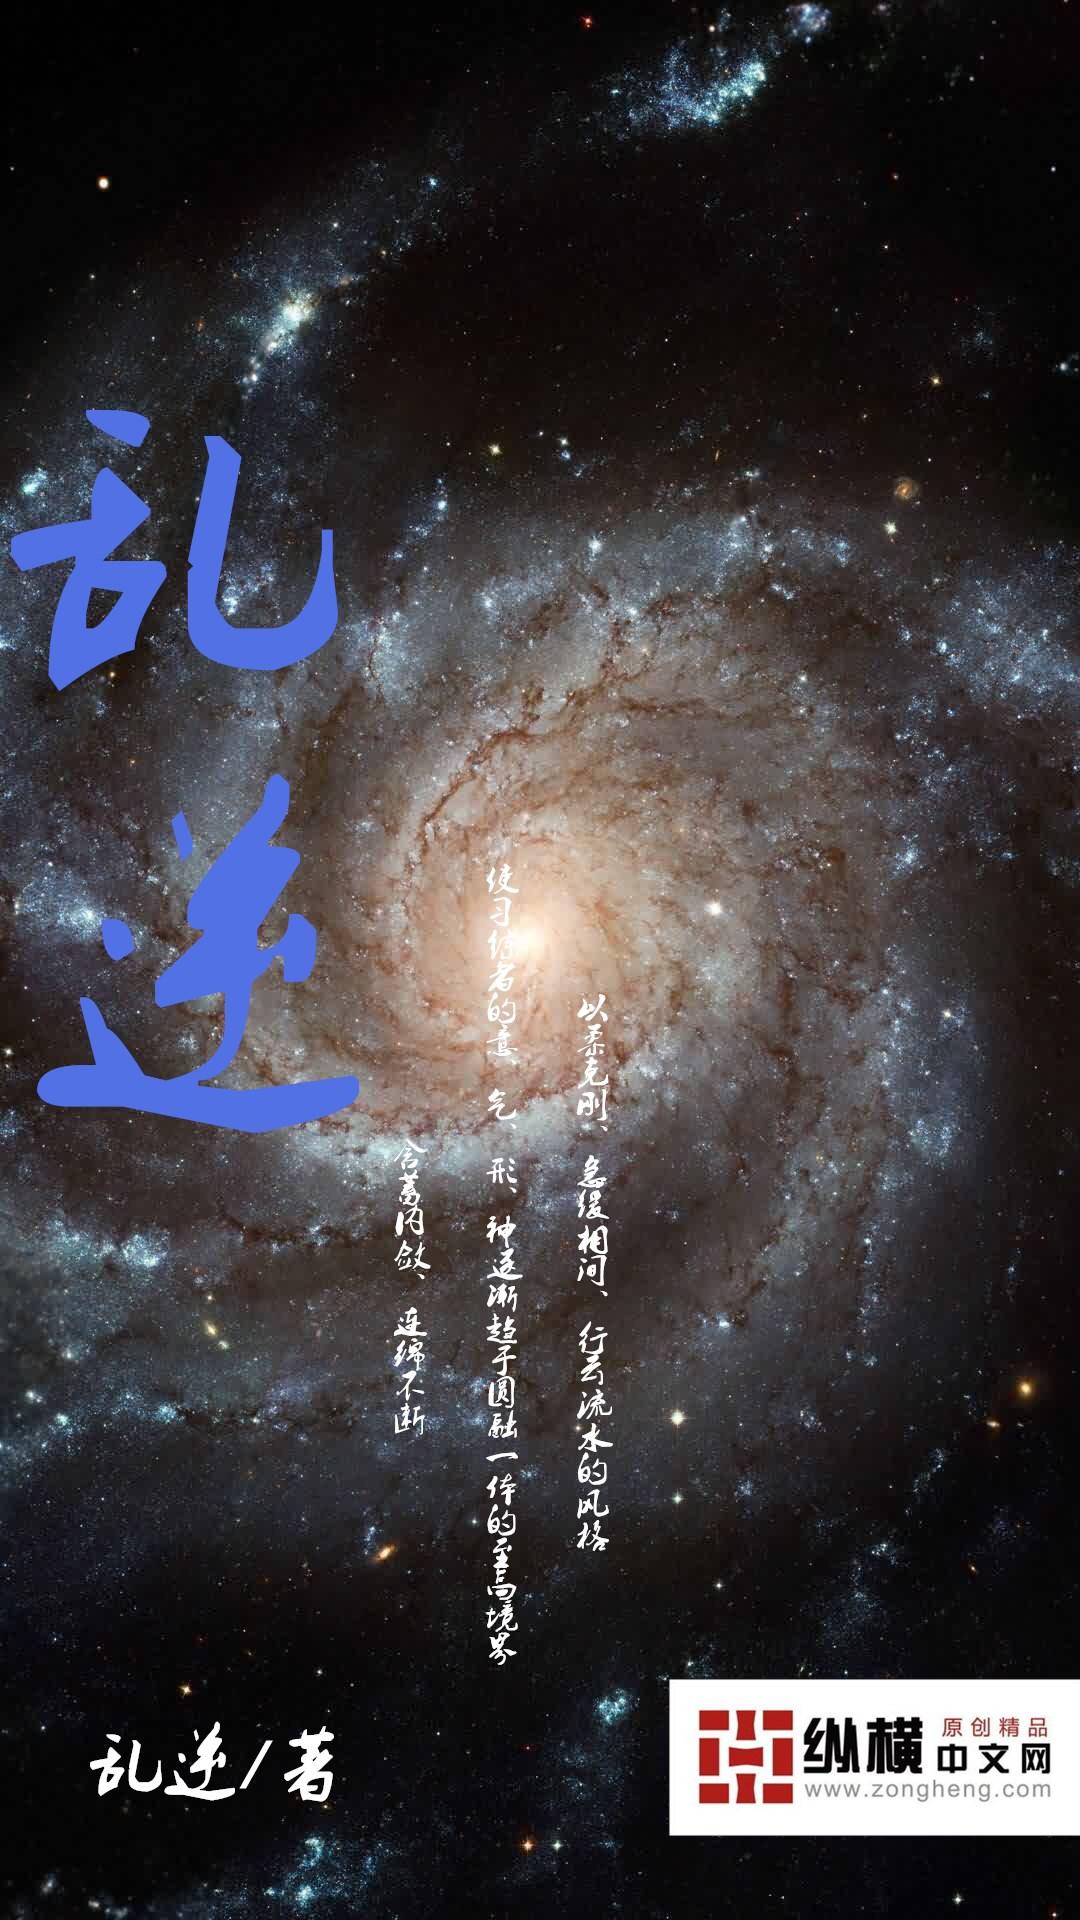 异界玄幻魔法完本小说 异界魔武双修